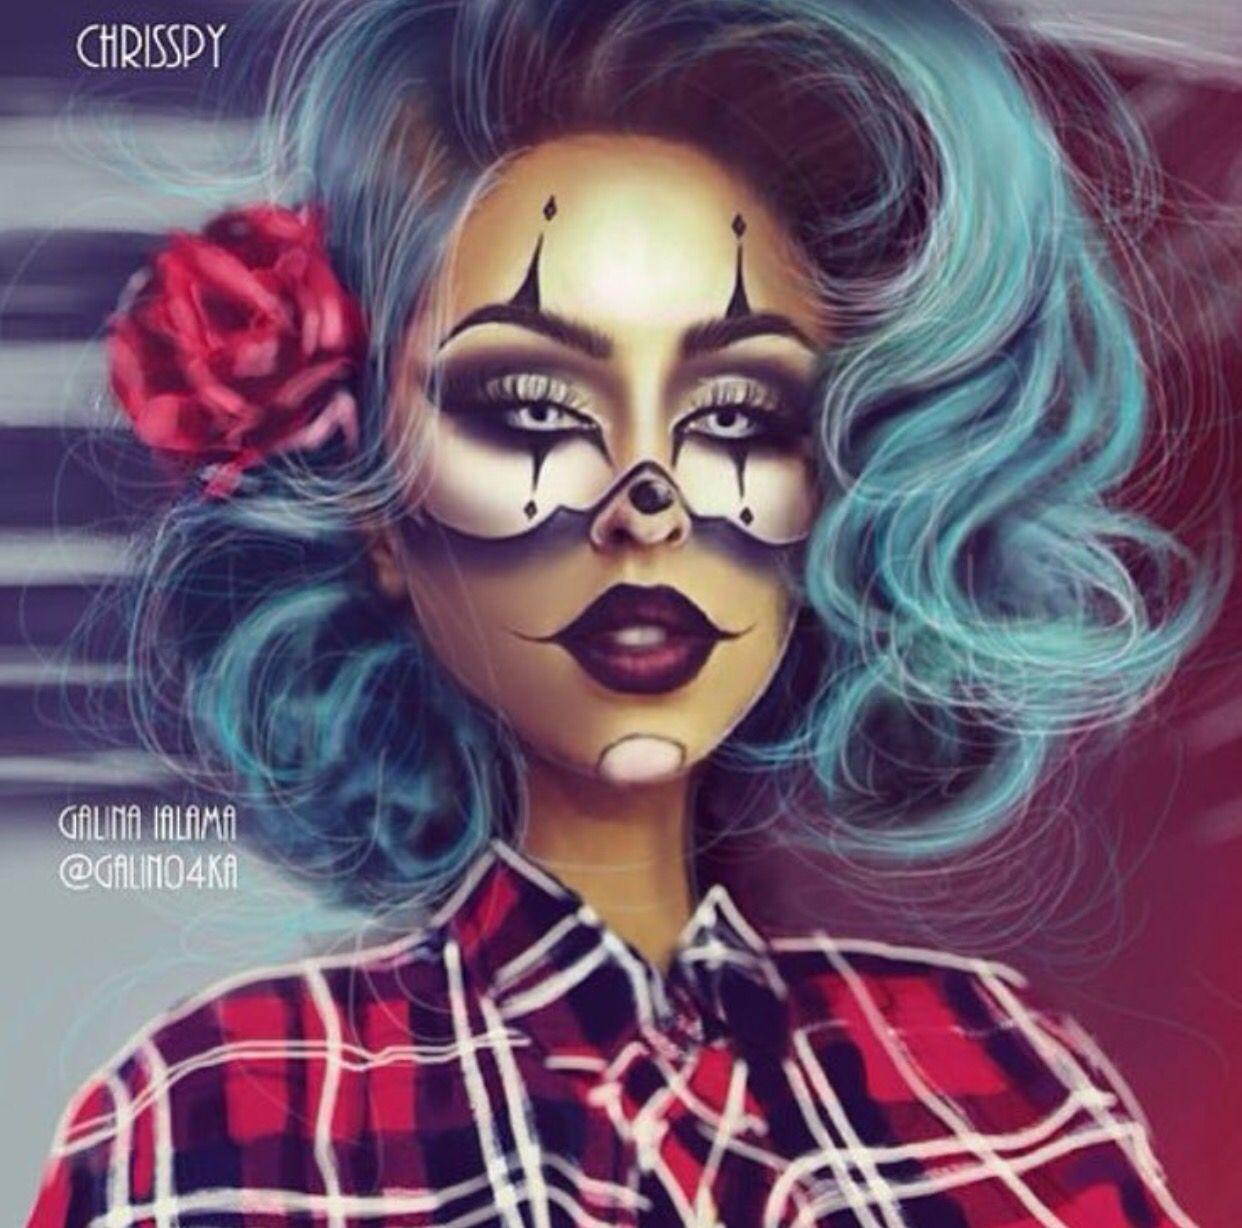 gangsta clown@crisspy  be inspirational ❥ mz. manerz: being